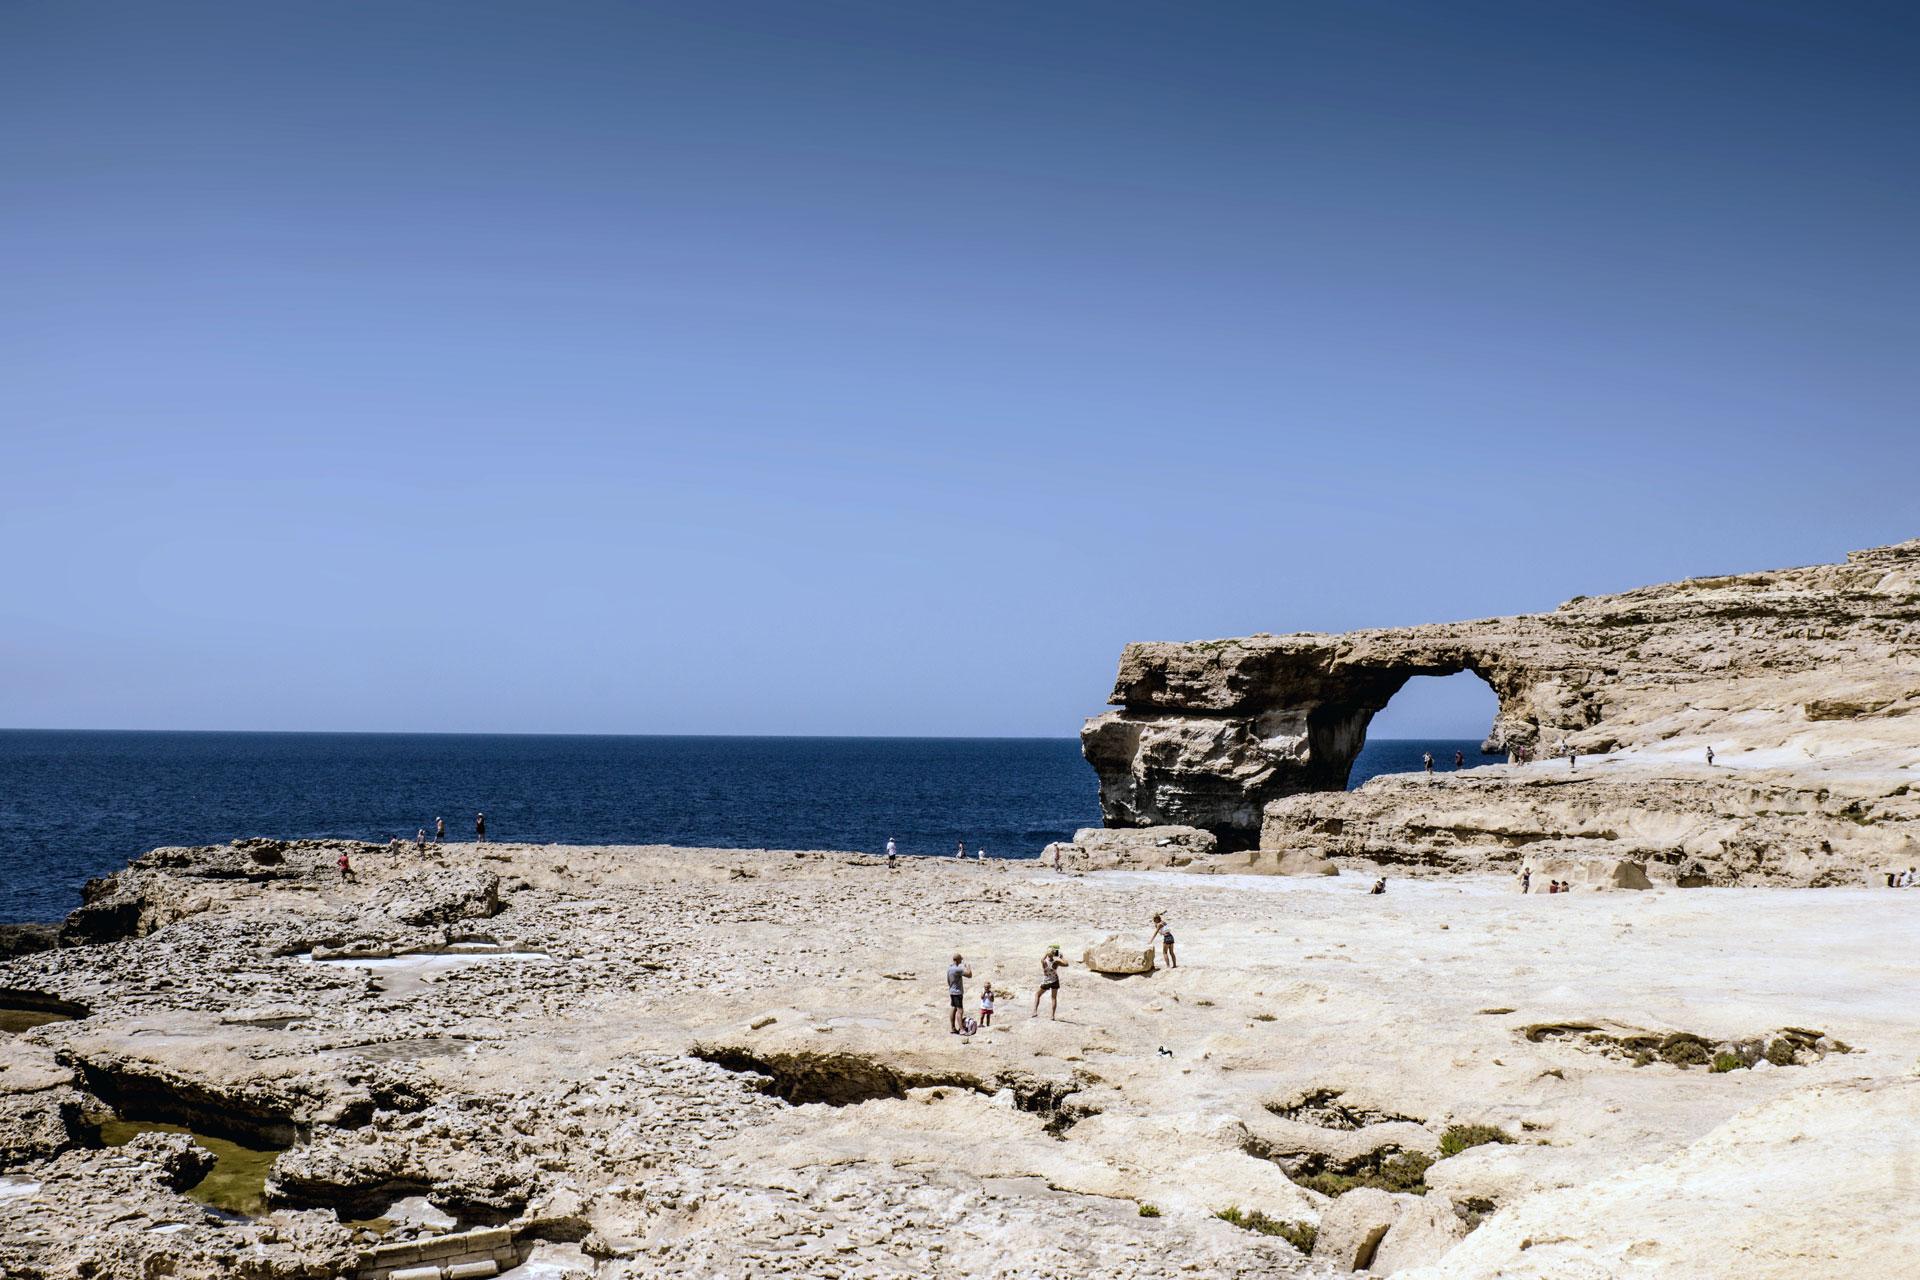 Bizarre Klippen und Felsformationen auf Malta